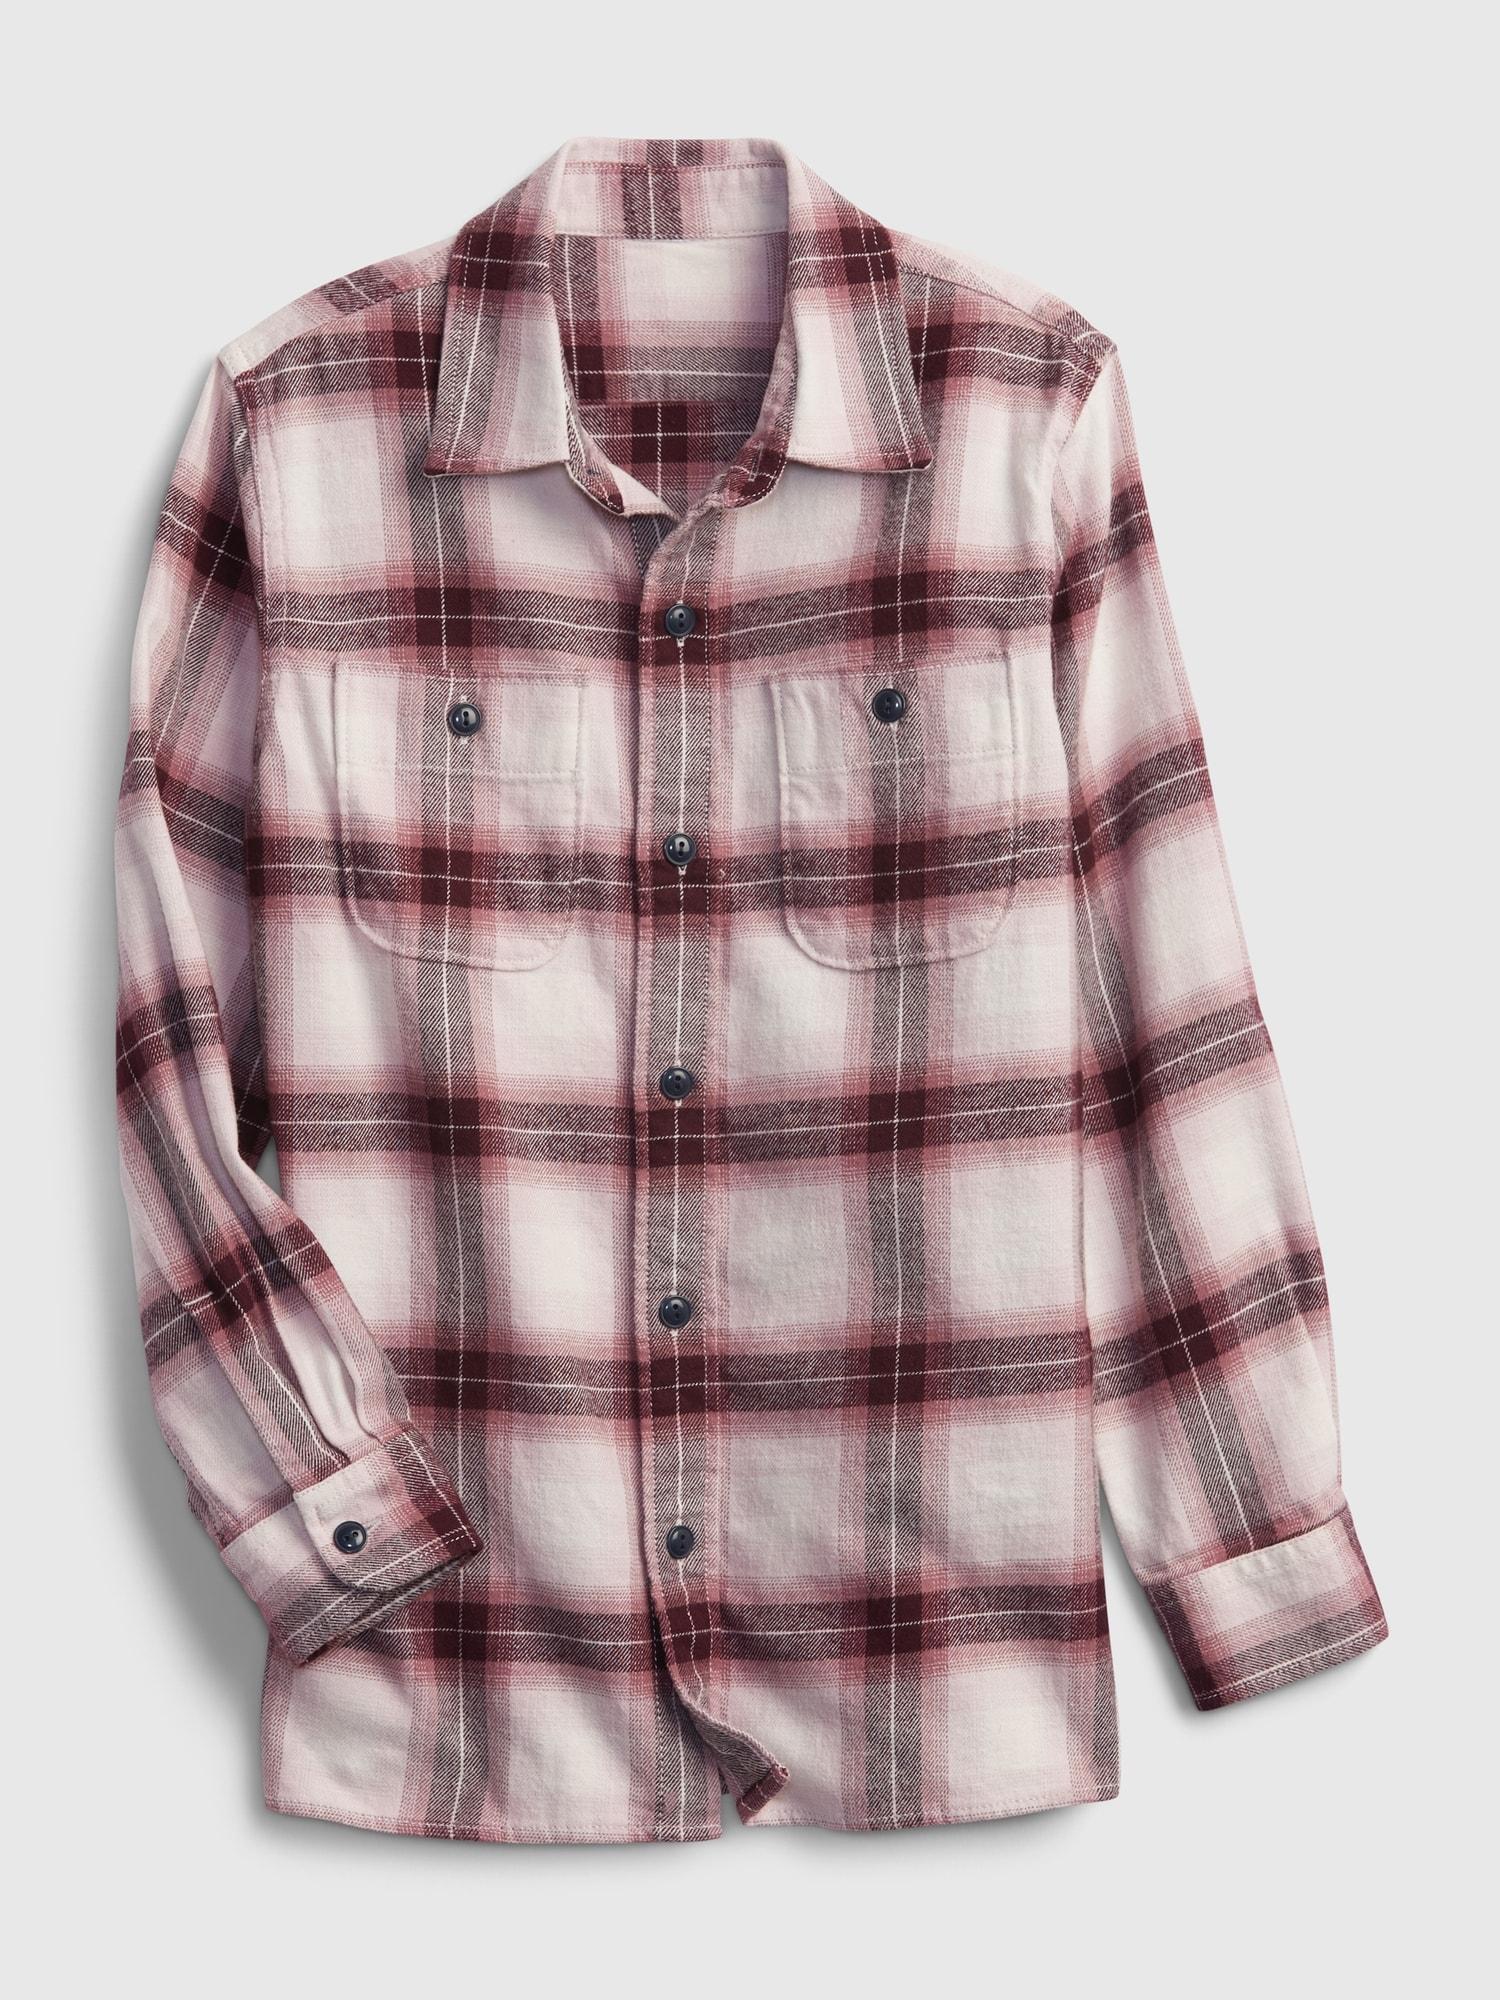 オーガニックコットン100% フランネルシャツ (キッズ)